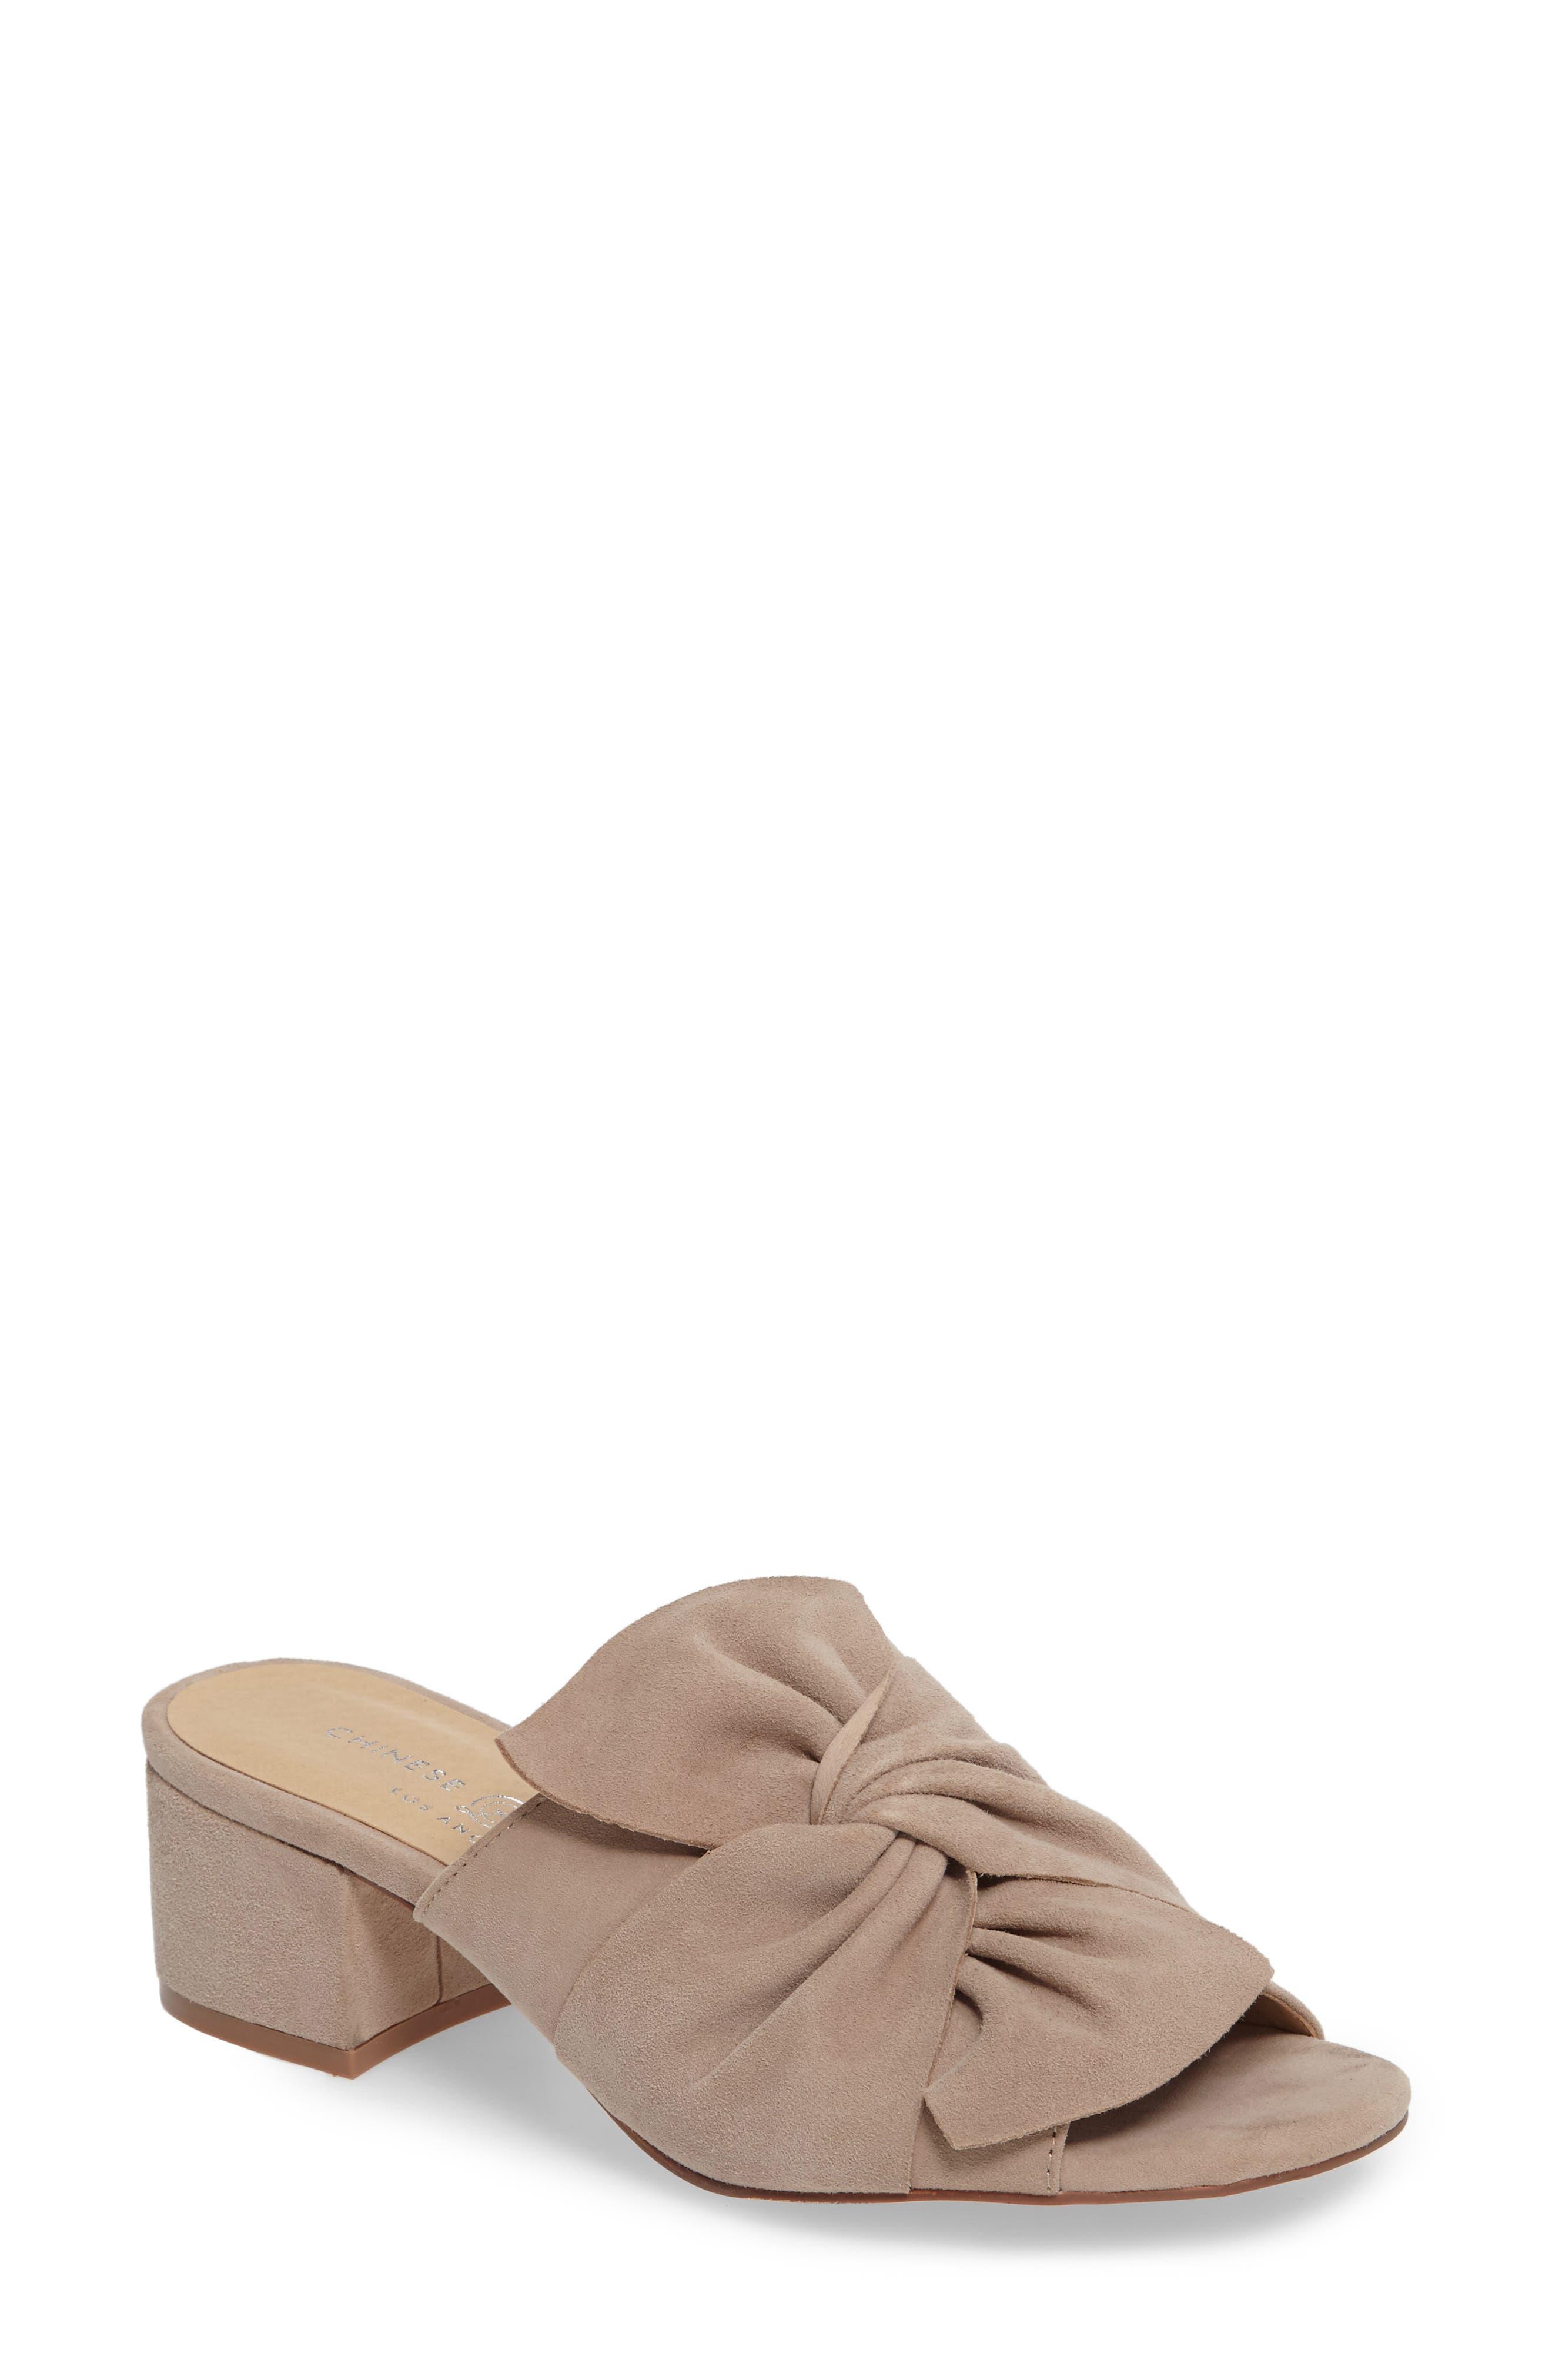 Women's Marlowe Slide Sandal